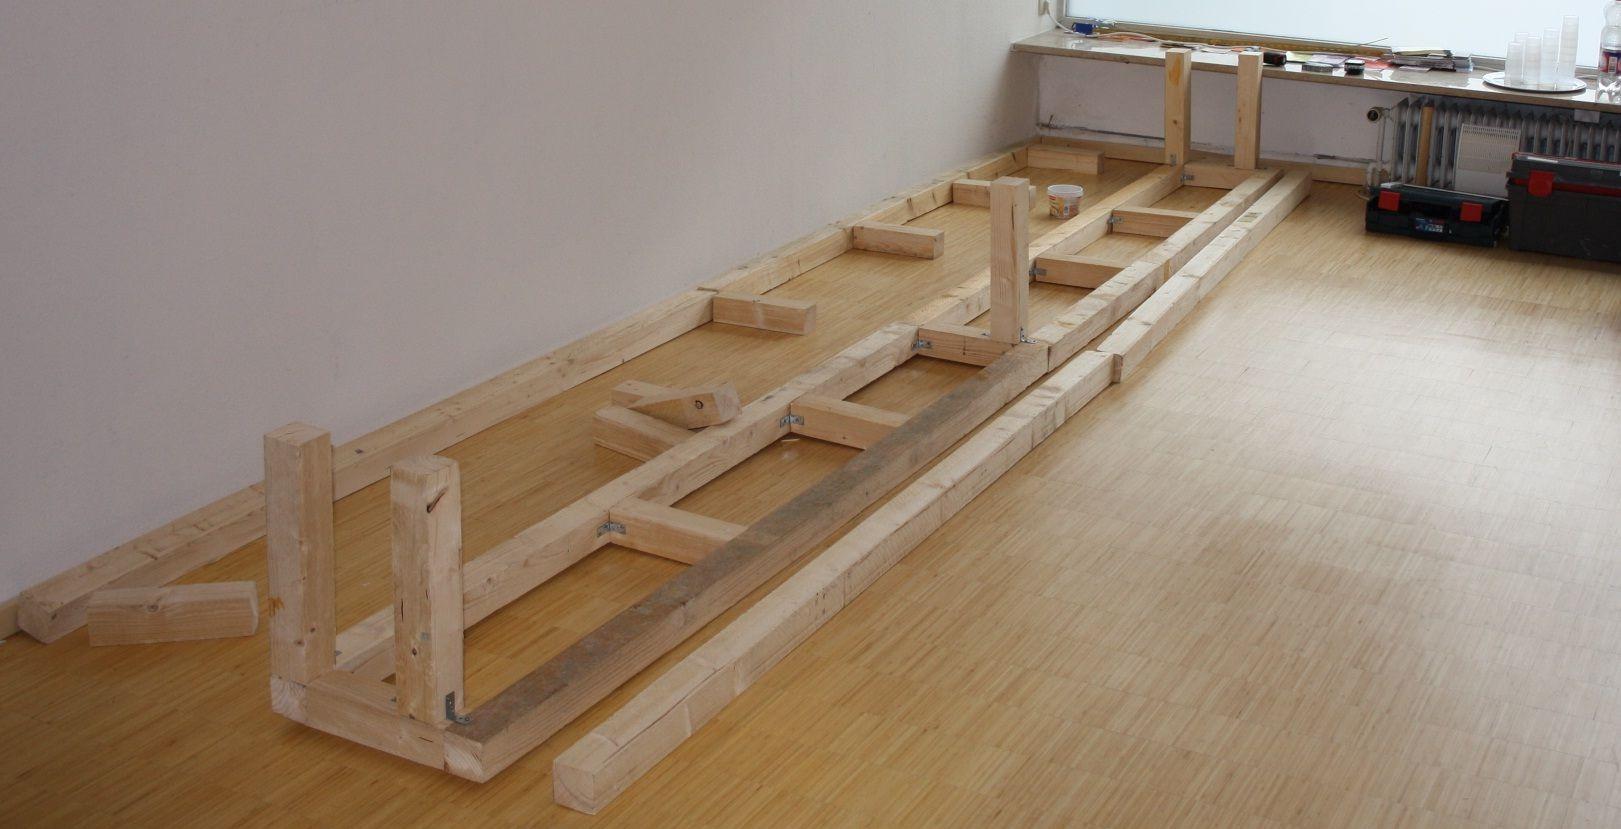 wenn man stauraum braucht bauanleitung zum selber bauen ideen rund ums haus bank mit. Black Bedroom Furniture Sets. Home Design Ideas